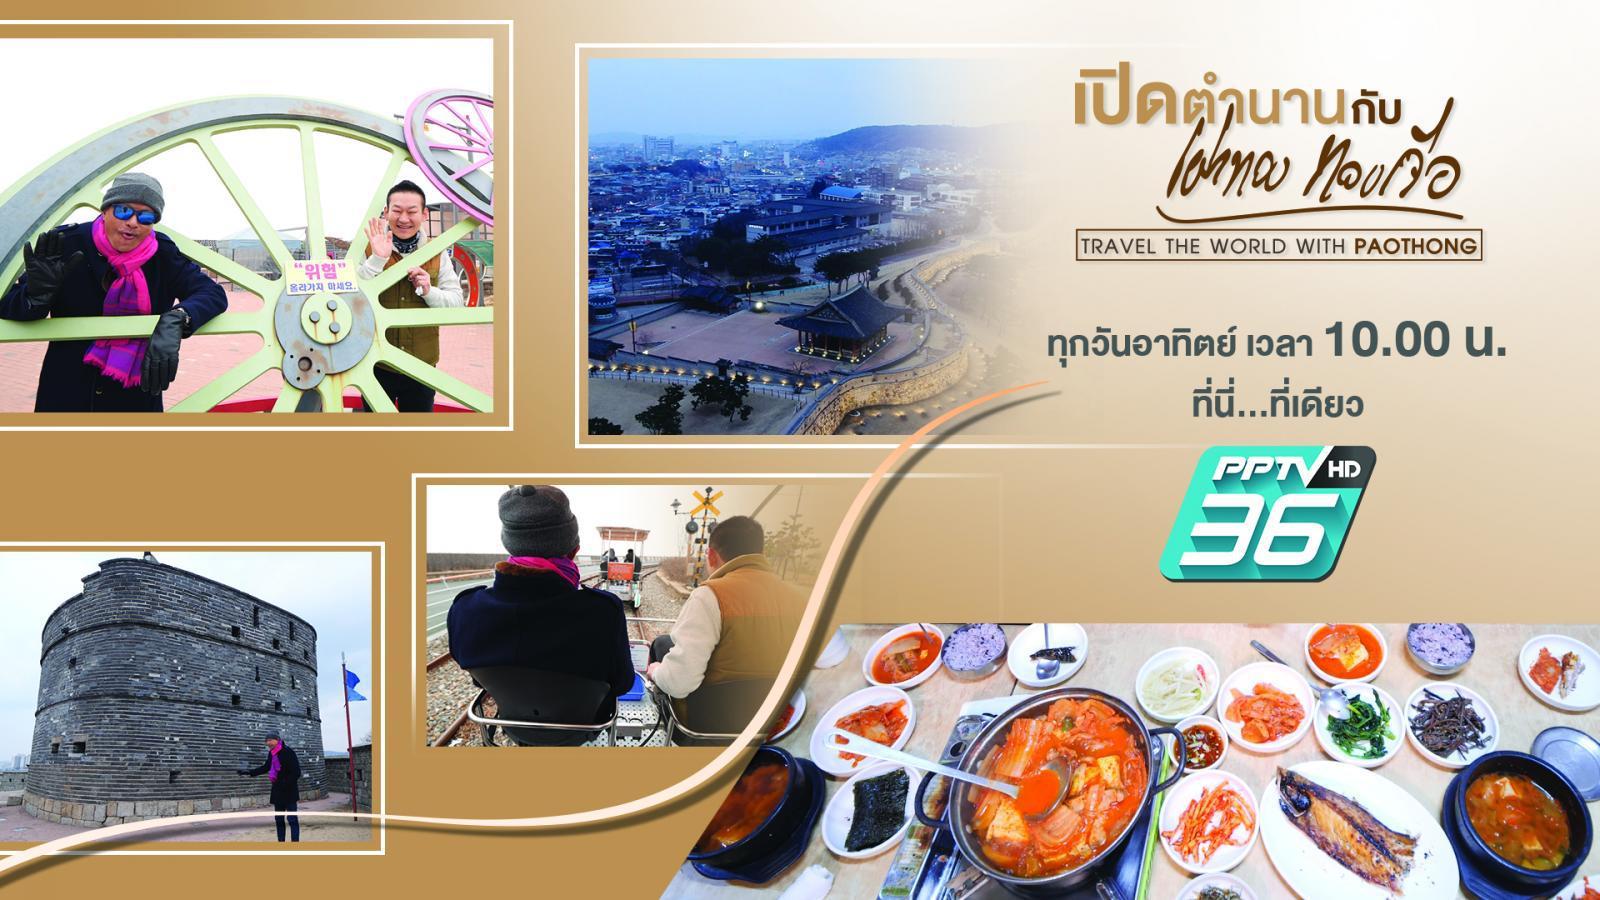 ซูว็อนตะลอนทัวร์ ประเทศเกาหลีใต้